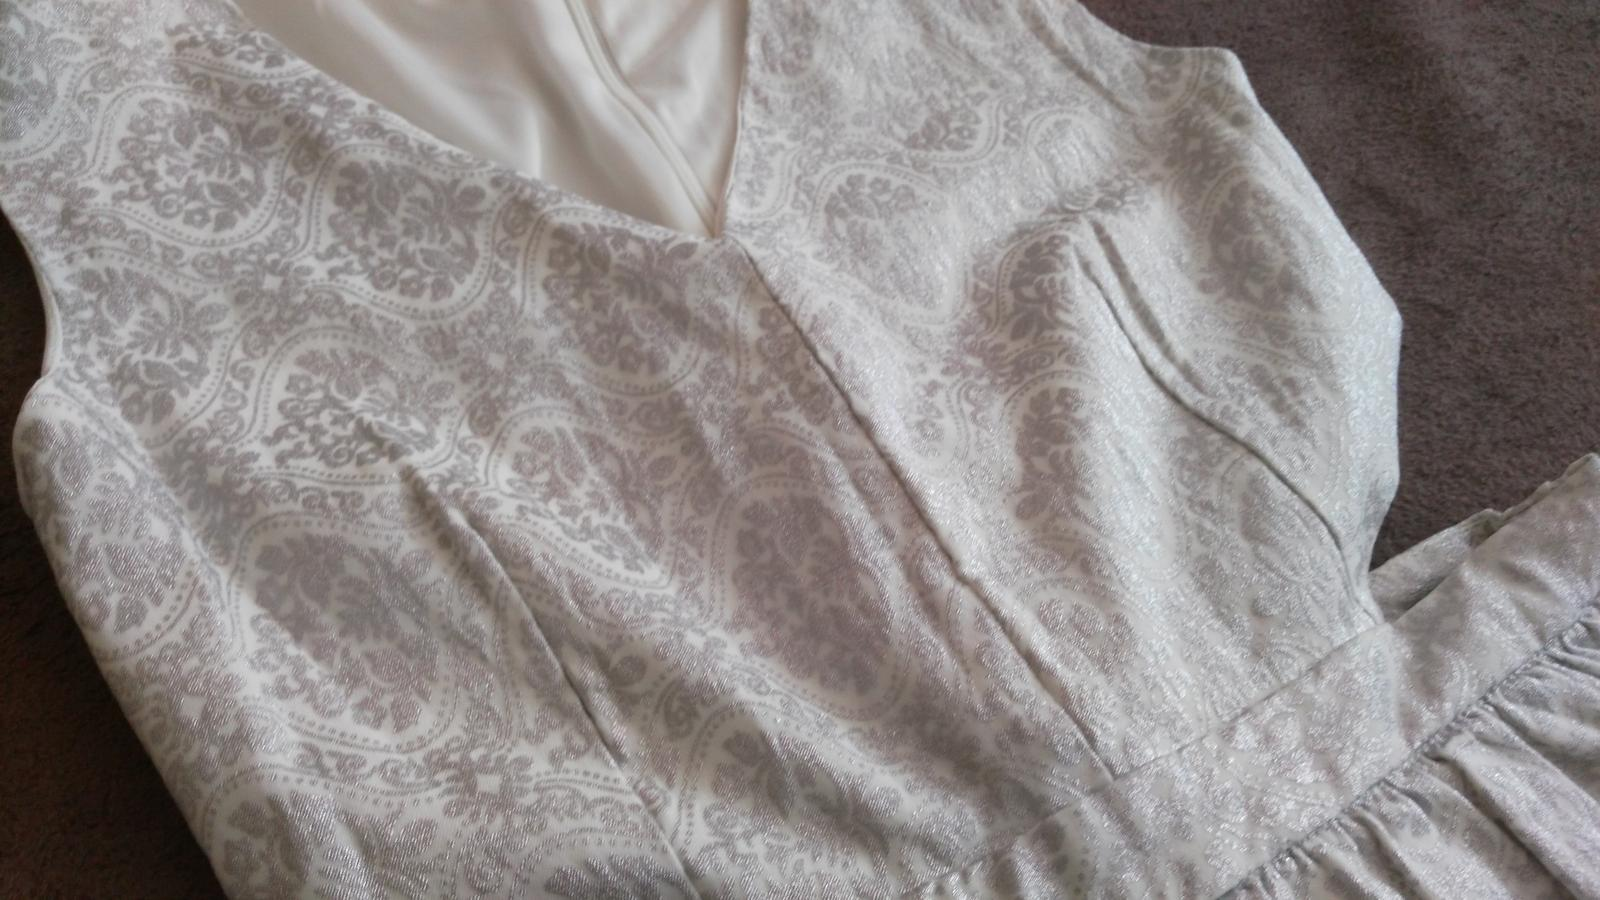 Strieborné sexi šaty 38/M - Obrázok č. 3